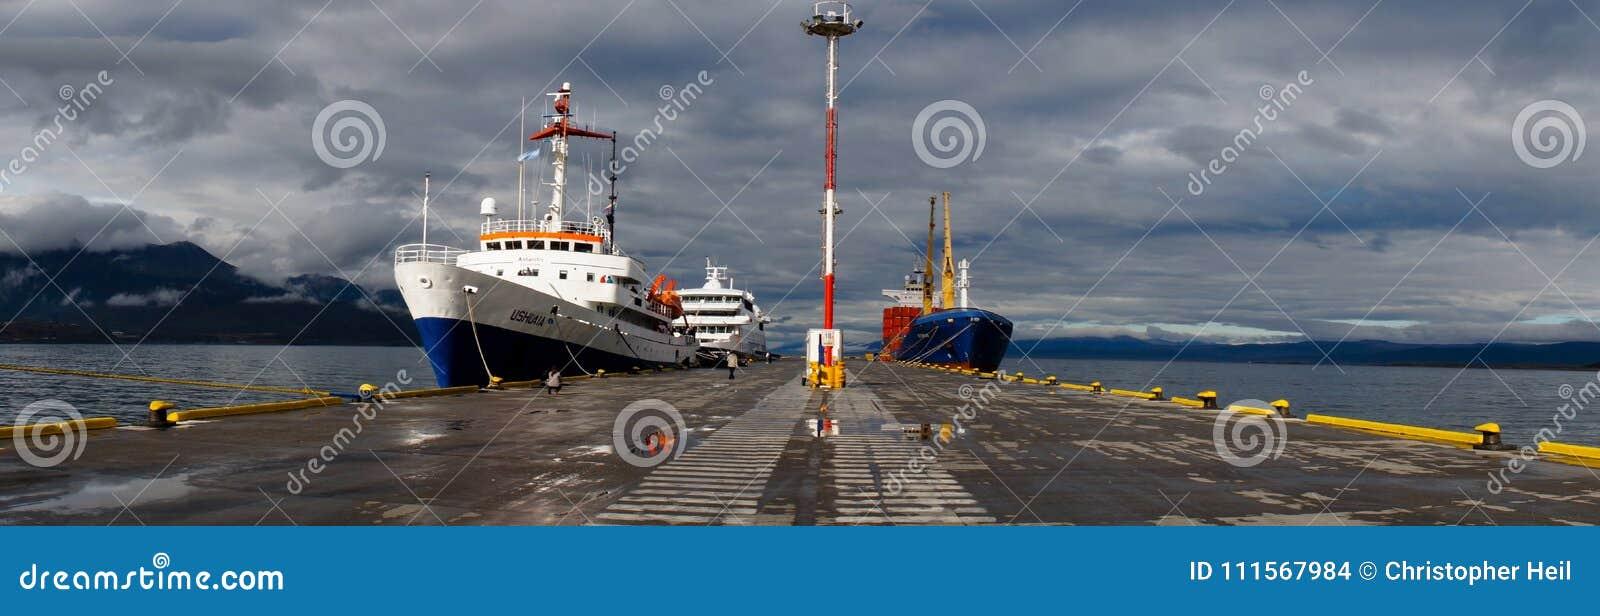 Kreuzschiff Millivolts Ushuaia bereit, Enterichdurchgang nach die Antarktis zu kreuzen